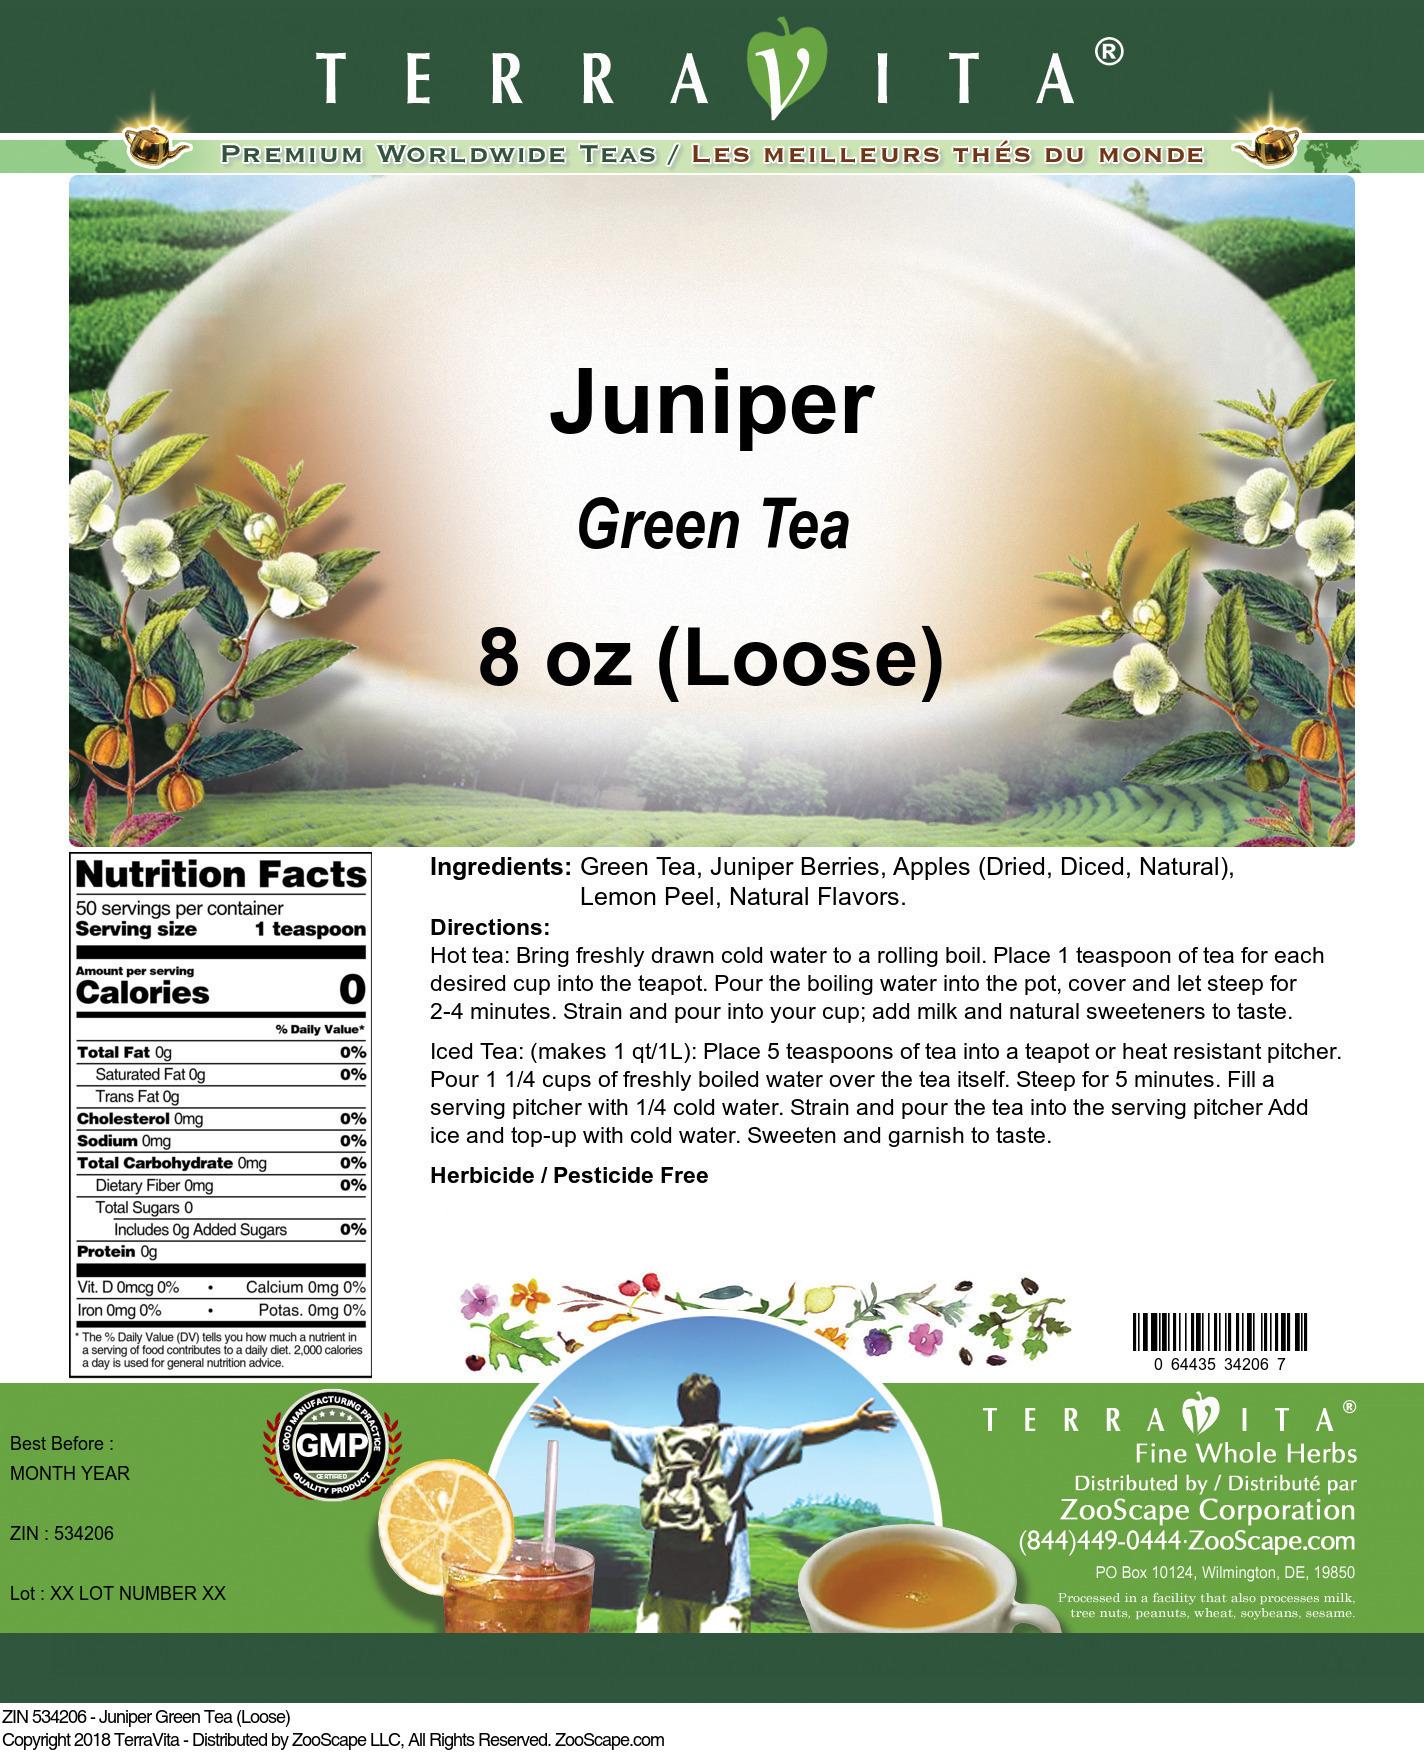 Juniper Green Tea (Loose)